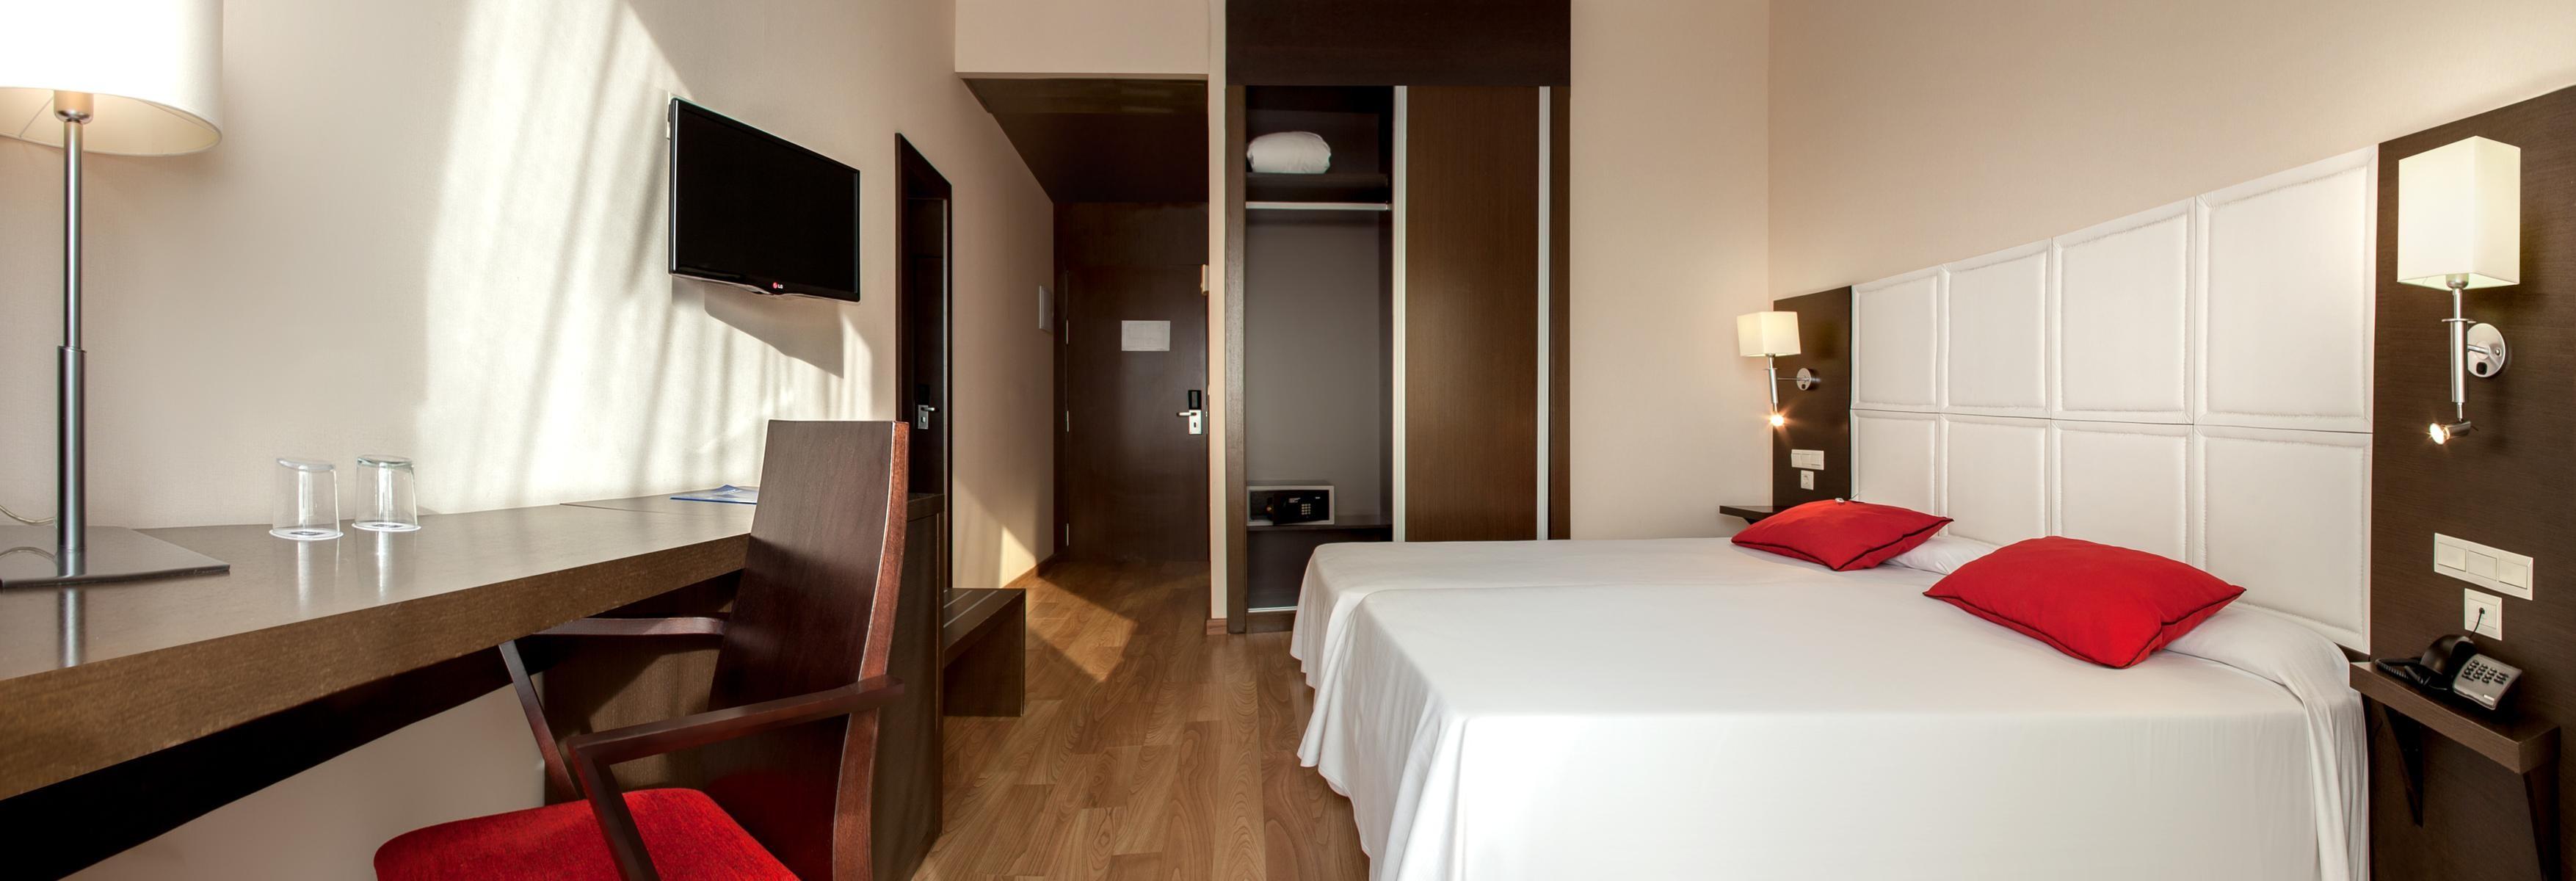 Hotel RH Don Carlos Hotel & Spa